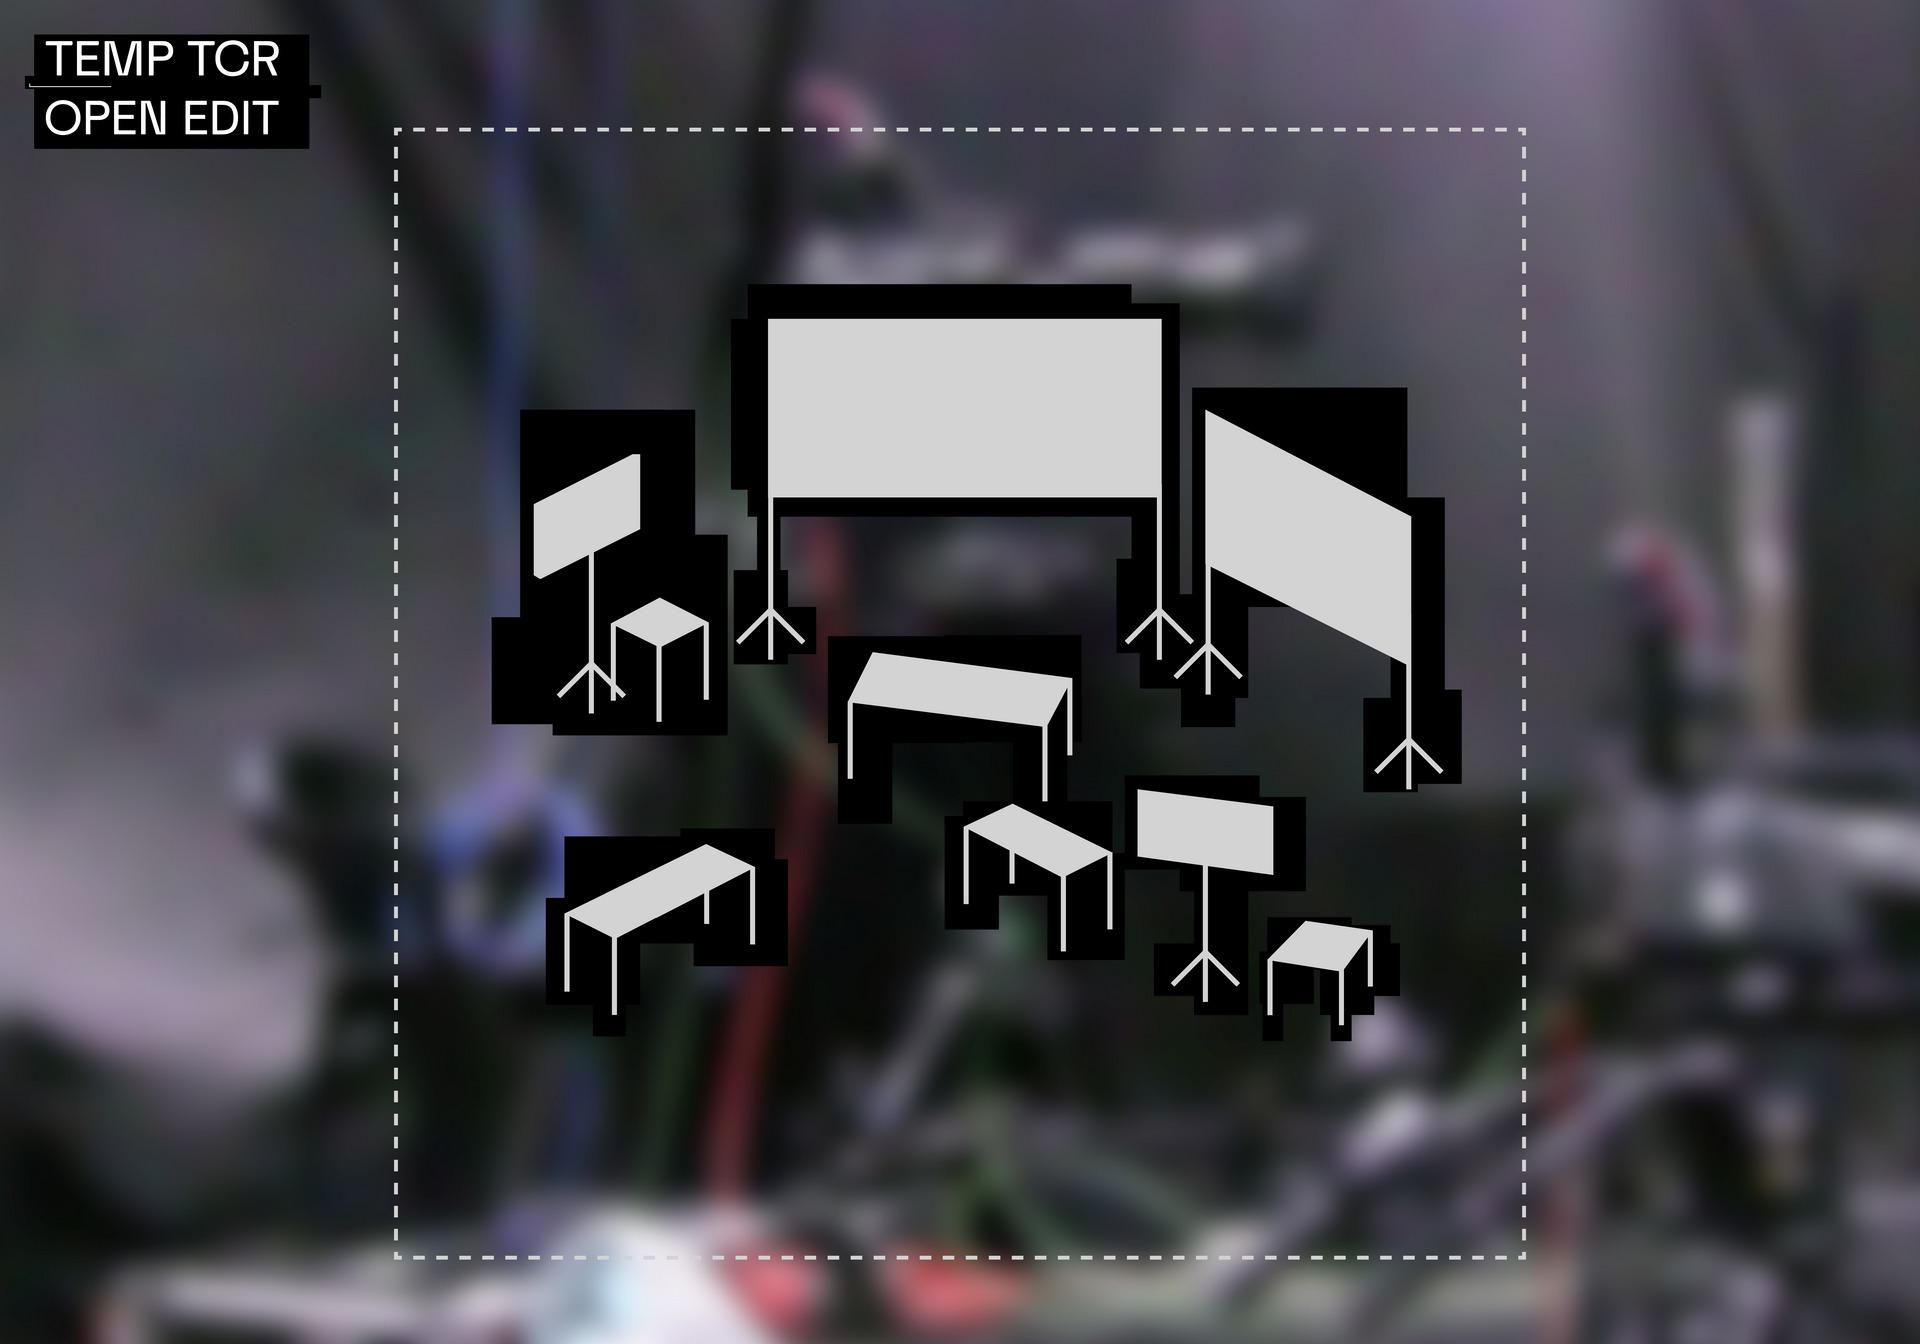 'Open Edit' A/V Rig Diagram